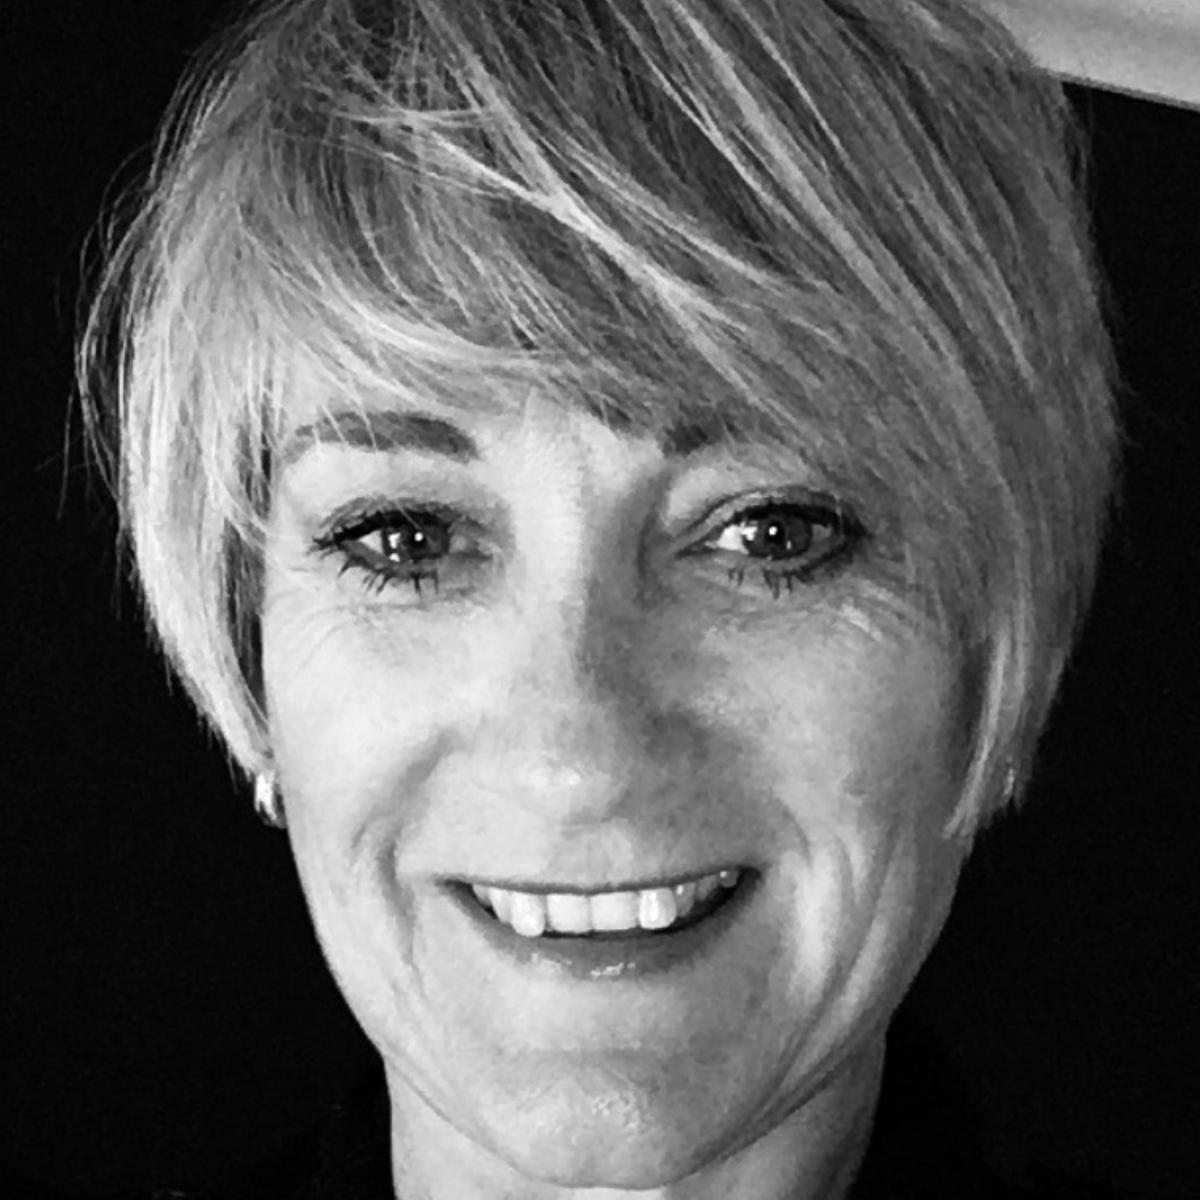 Jenny Morgan headshot